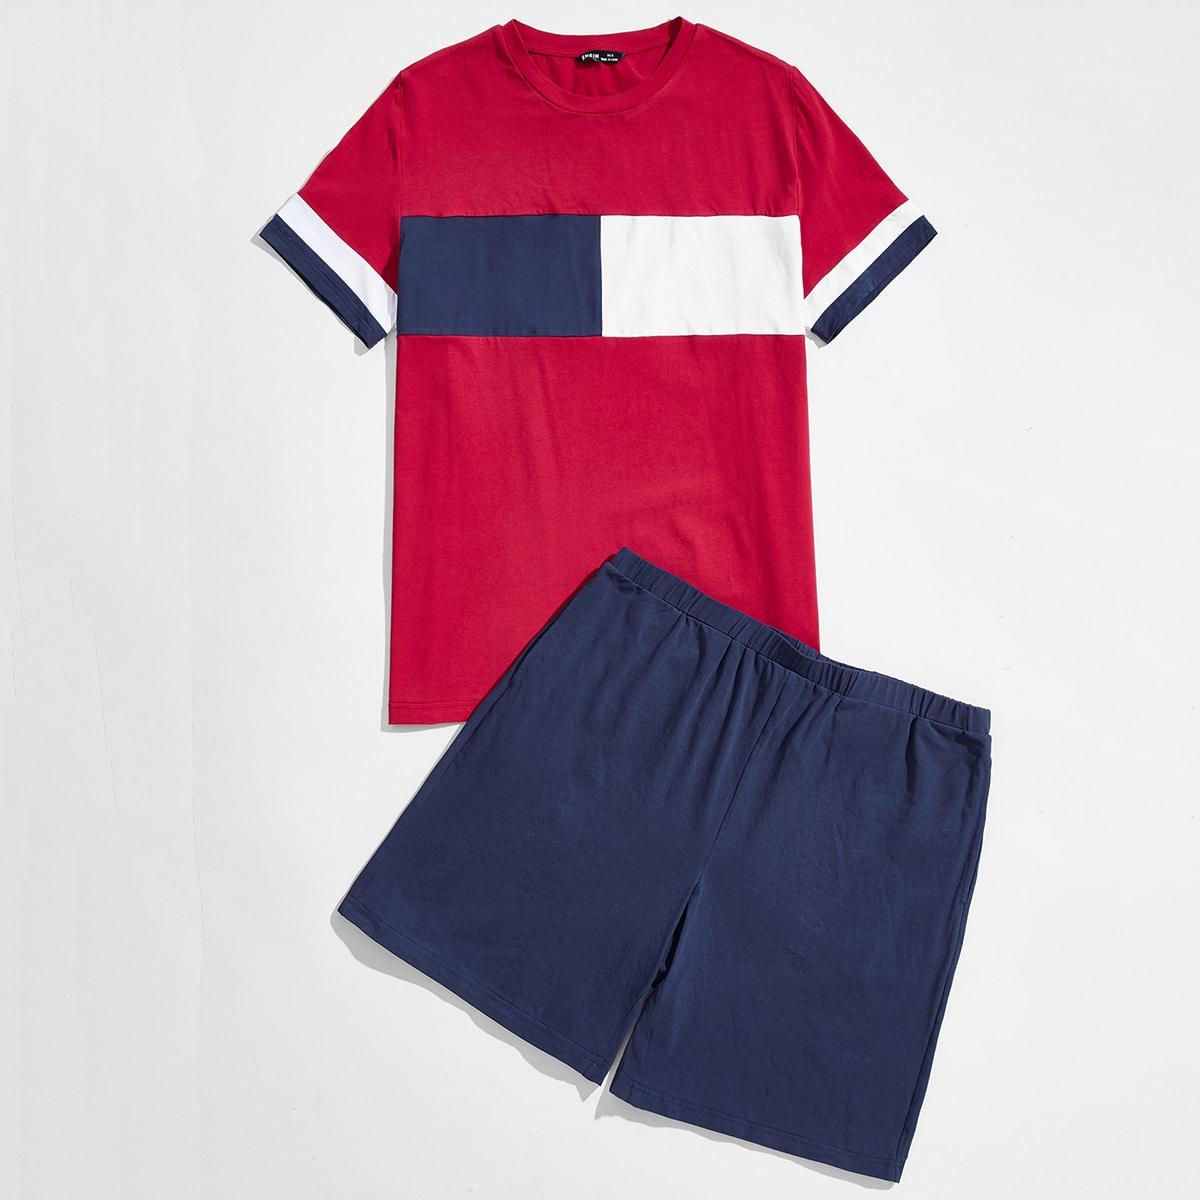 Men Color Block Tee & Shorts PJ Set